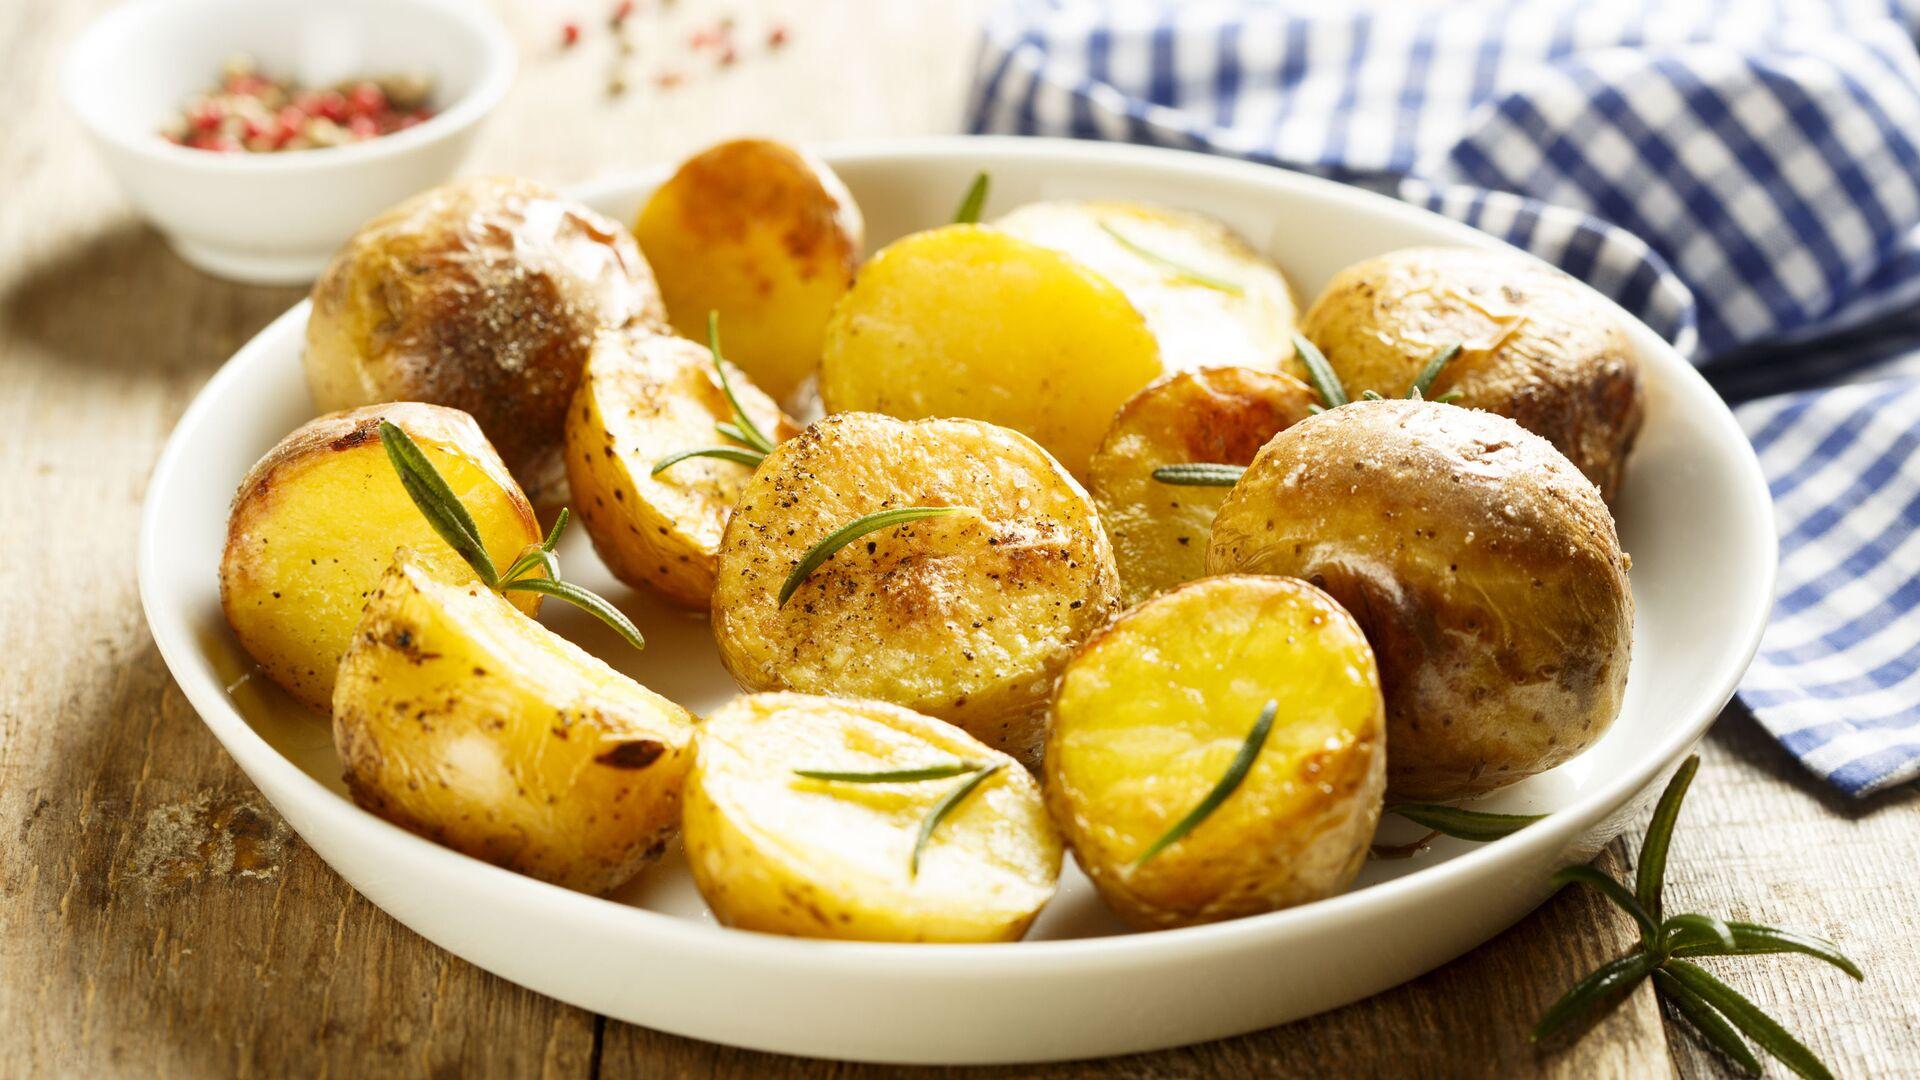 Pečené brambory s rozmarýnem - Sputnik Česká republika, 1920, 14.06.2021